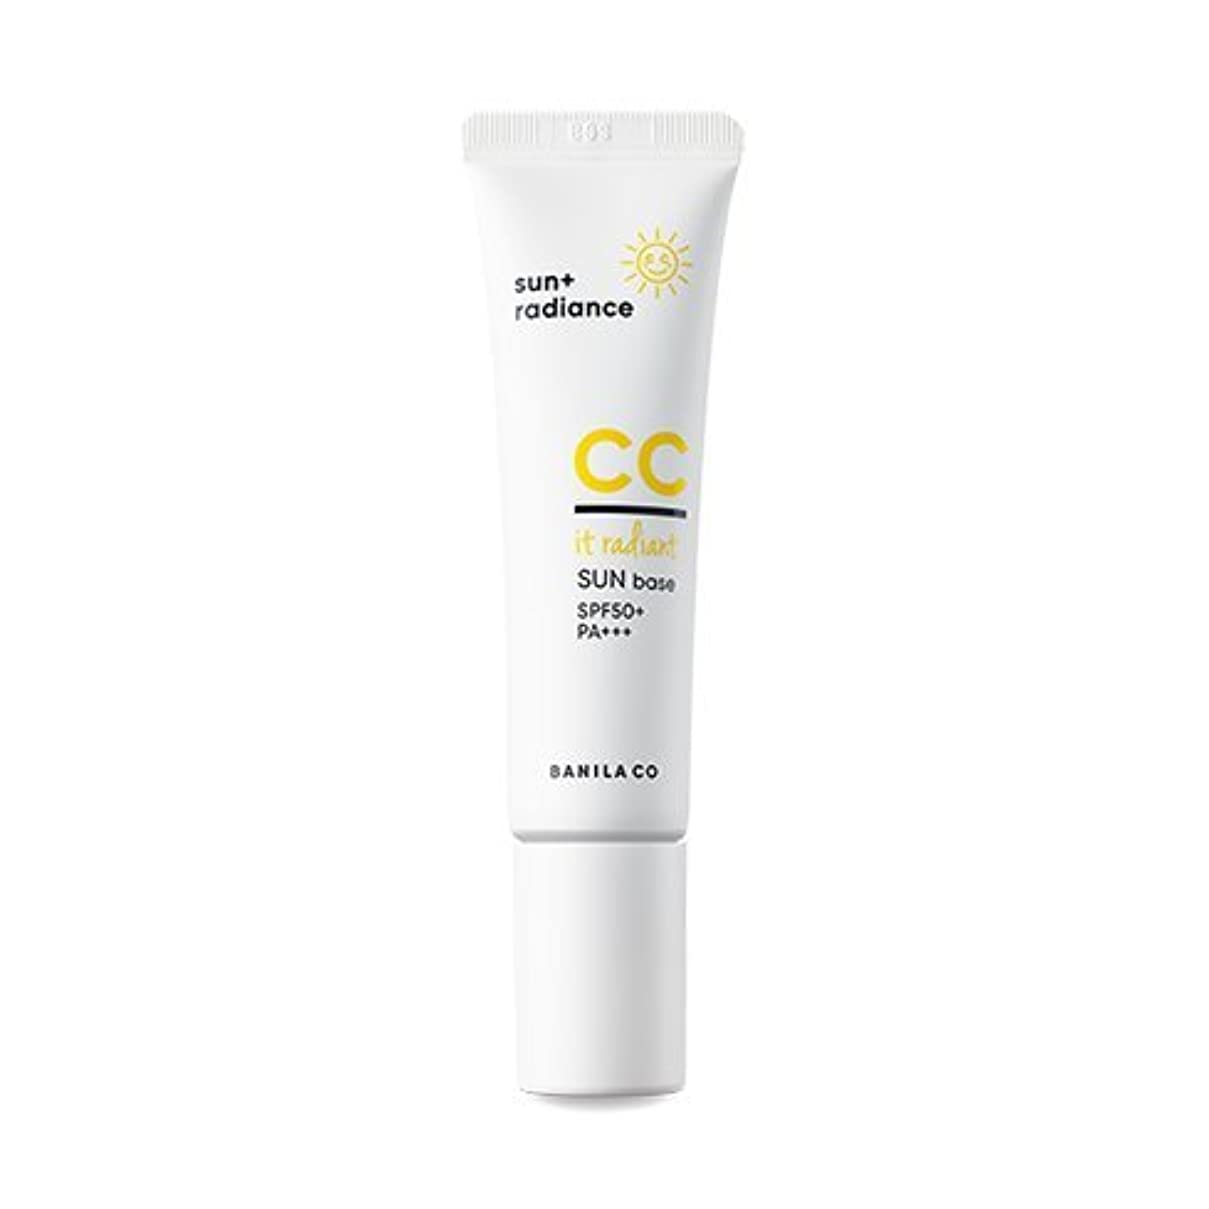 思想立派なトピック[Renewal] BANILA CO It Radiant CC Sun Base 30ml/バニラコ イット ラディアント CC サン ベース 30ml [並行輸入品]